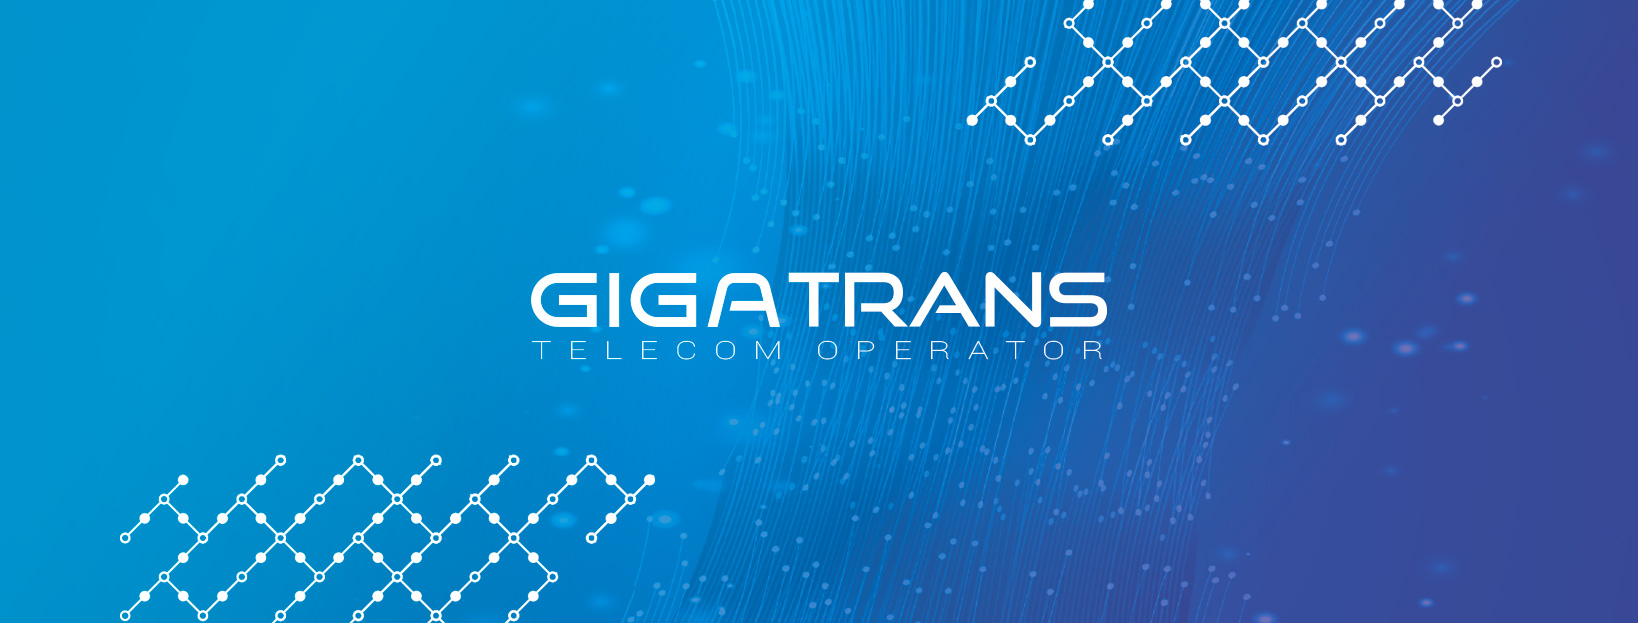 Команда GigaTrans сообщает - работа всех сервисов восстановлена